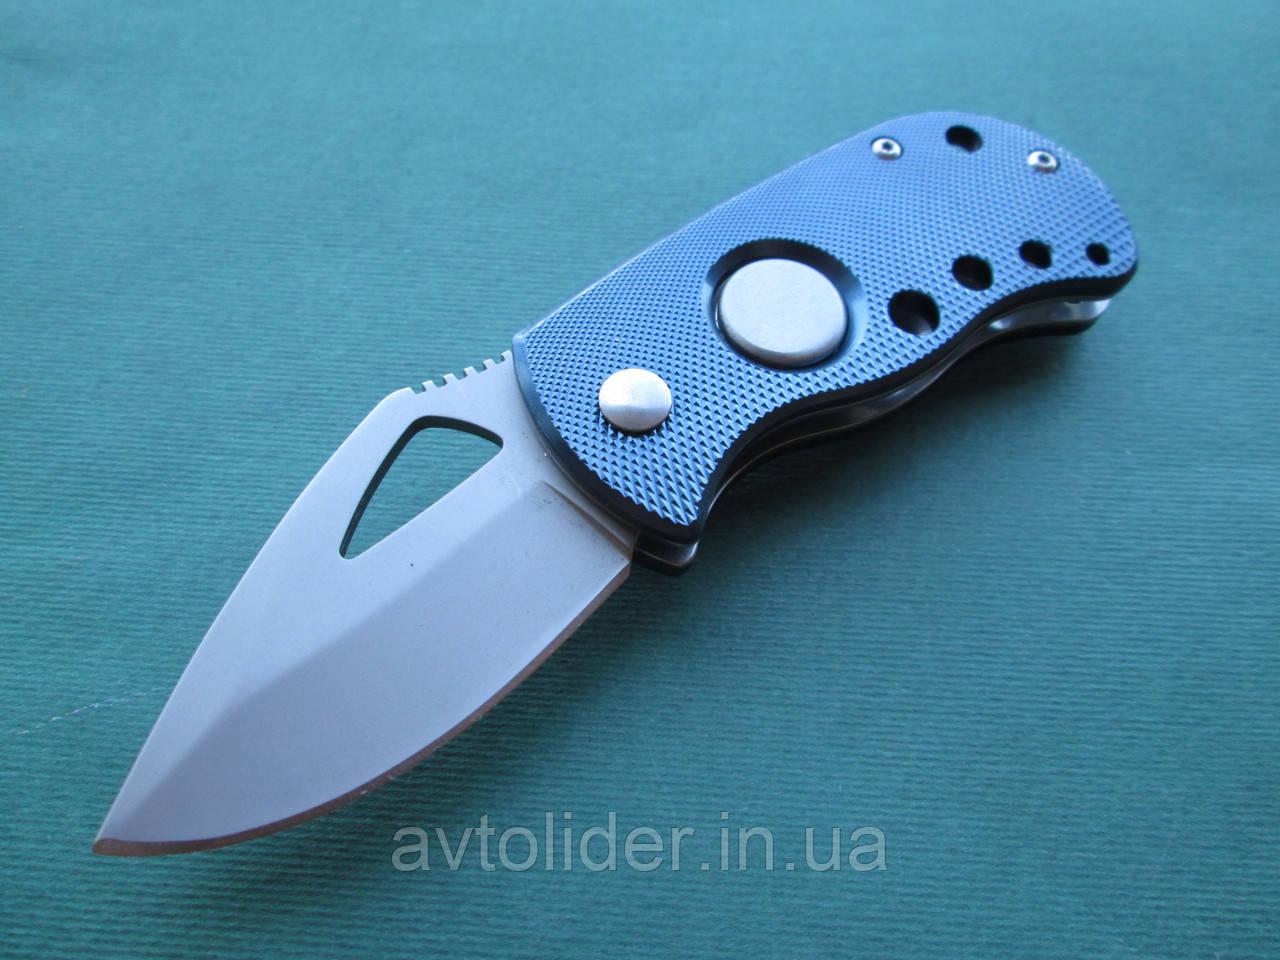 Нержавеющий складной нож с алюминиевой ручкой